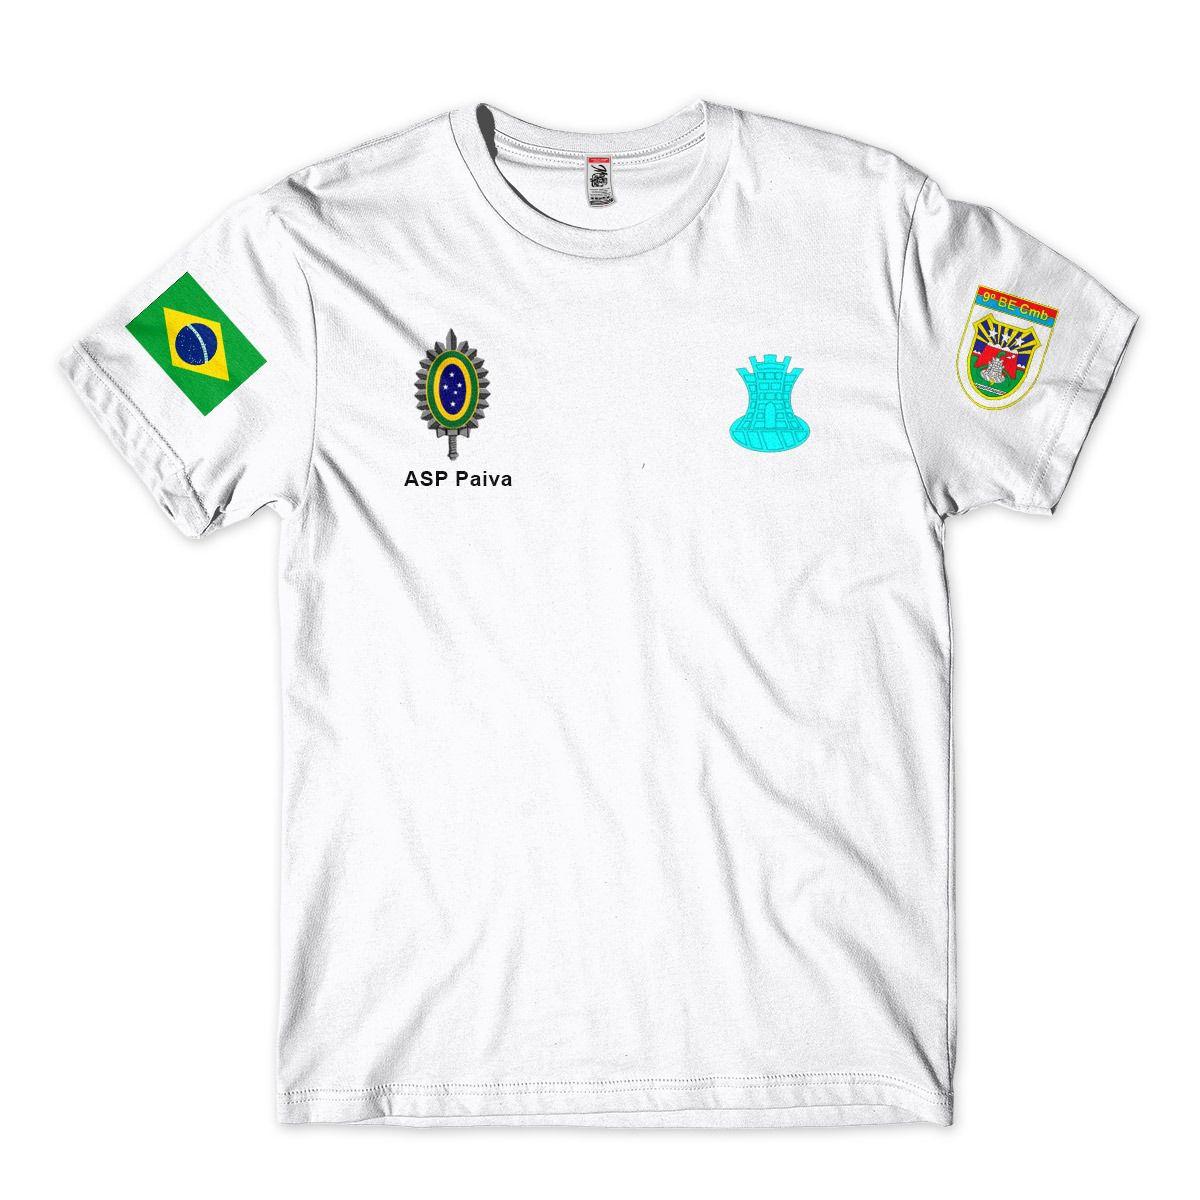 Camiseta NPOR Exercito Costas